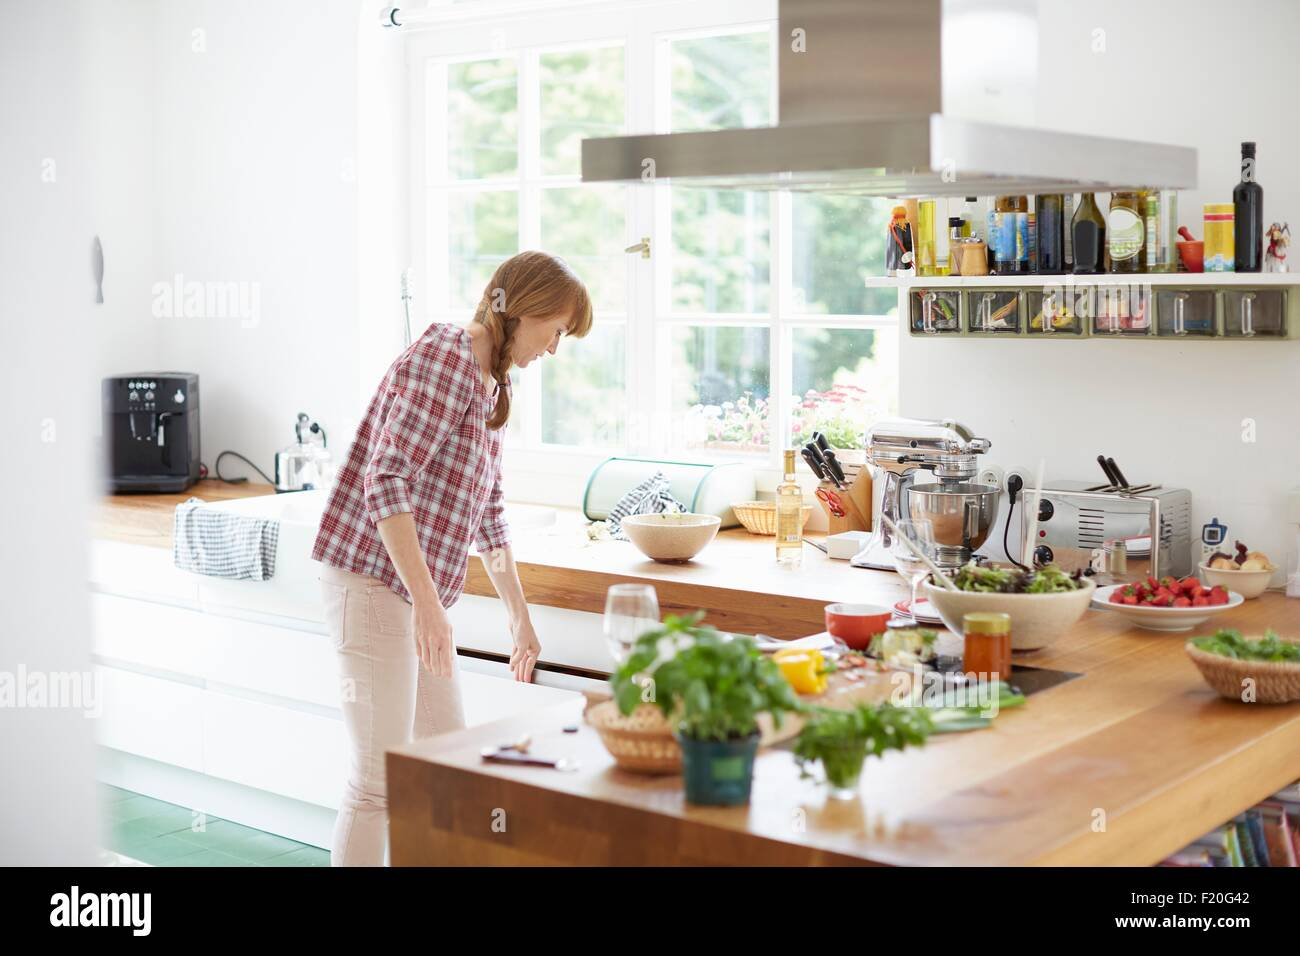 La donna la preparazione di pasto in cucina Immagini Stock